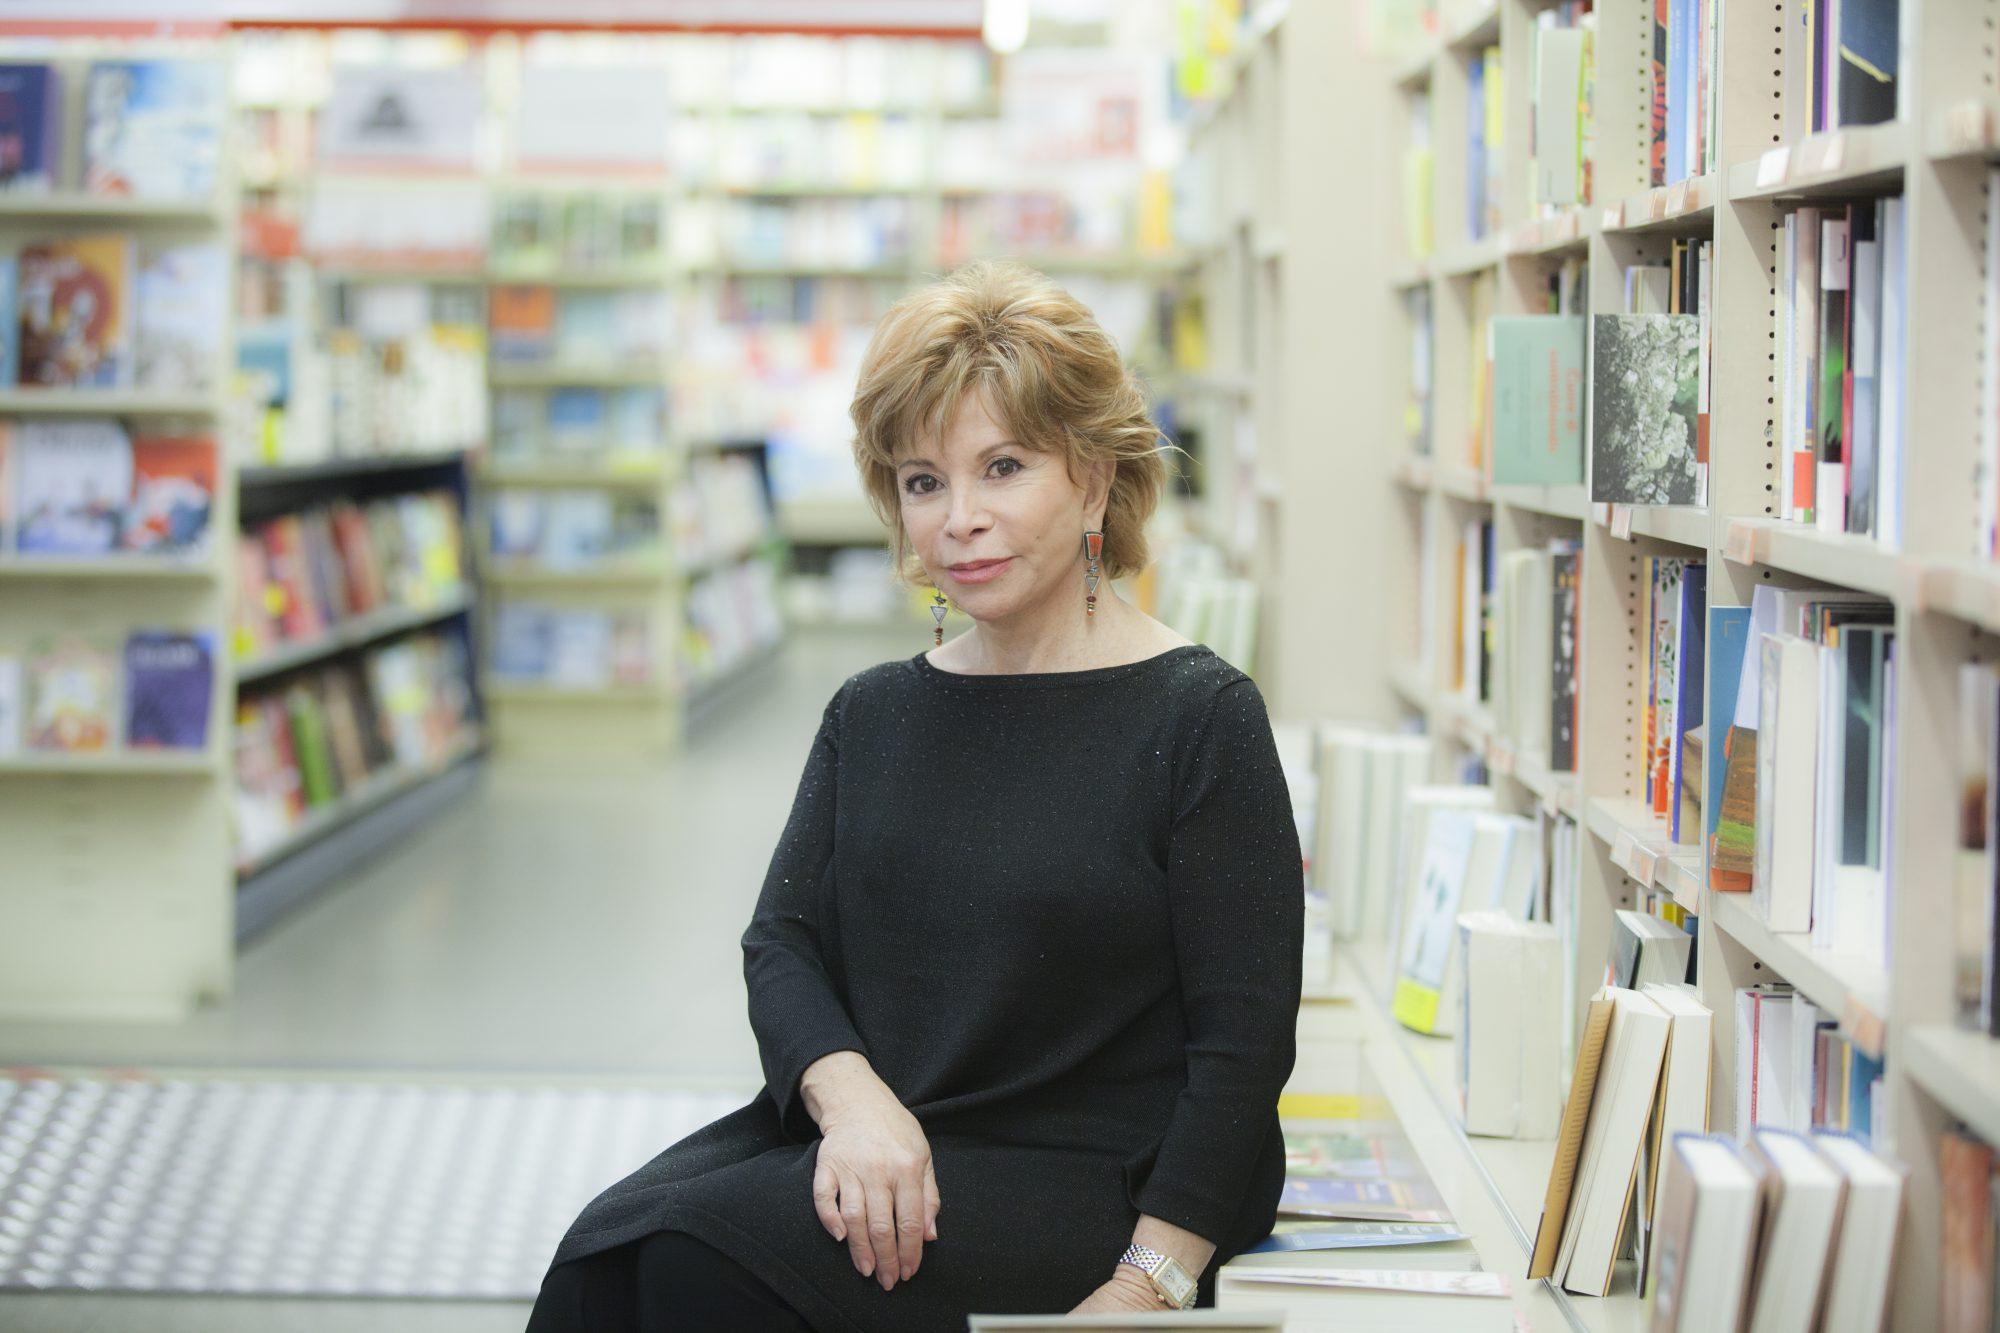 Cuando se habla de mujeres hispanas que brillan por su talento, uno de los nombres que siempre está presente es el de la chilena Isabel Allende, quien es la escritora latina más leída en el mundo. Una mezcla de fantasía y realidad hacen de sus libros un placer al que pocos lectores se pueden resistir. La casa de los espíritus continúa siendo su libro más reconocido internacionalmente.